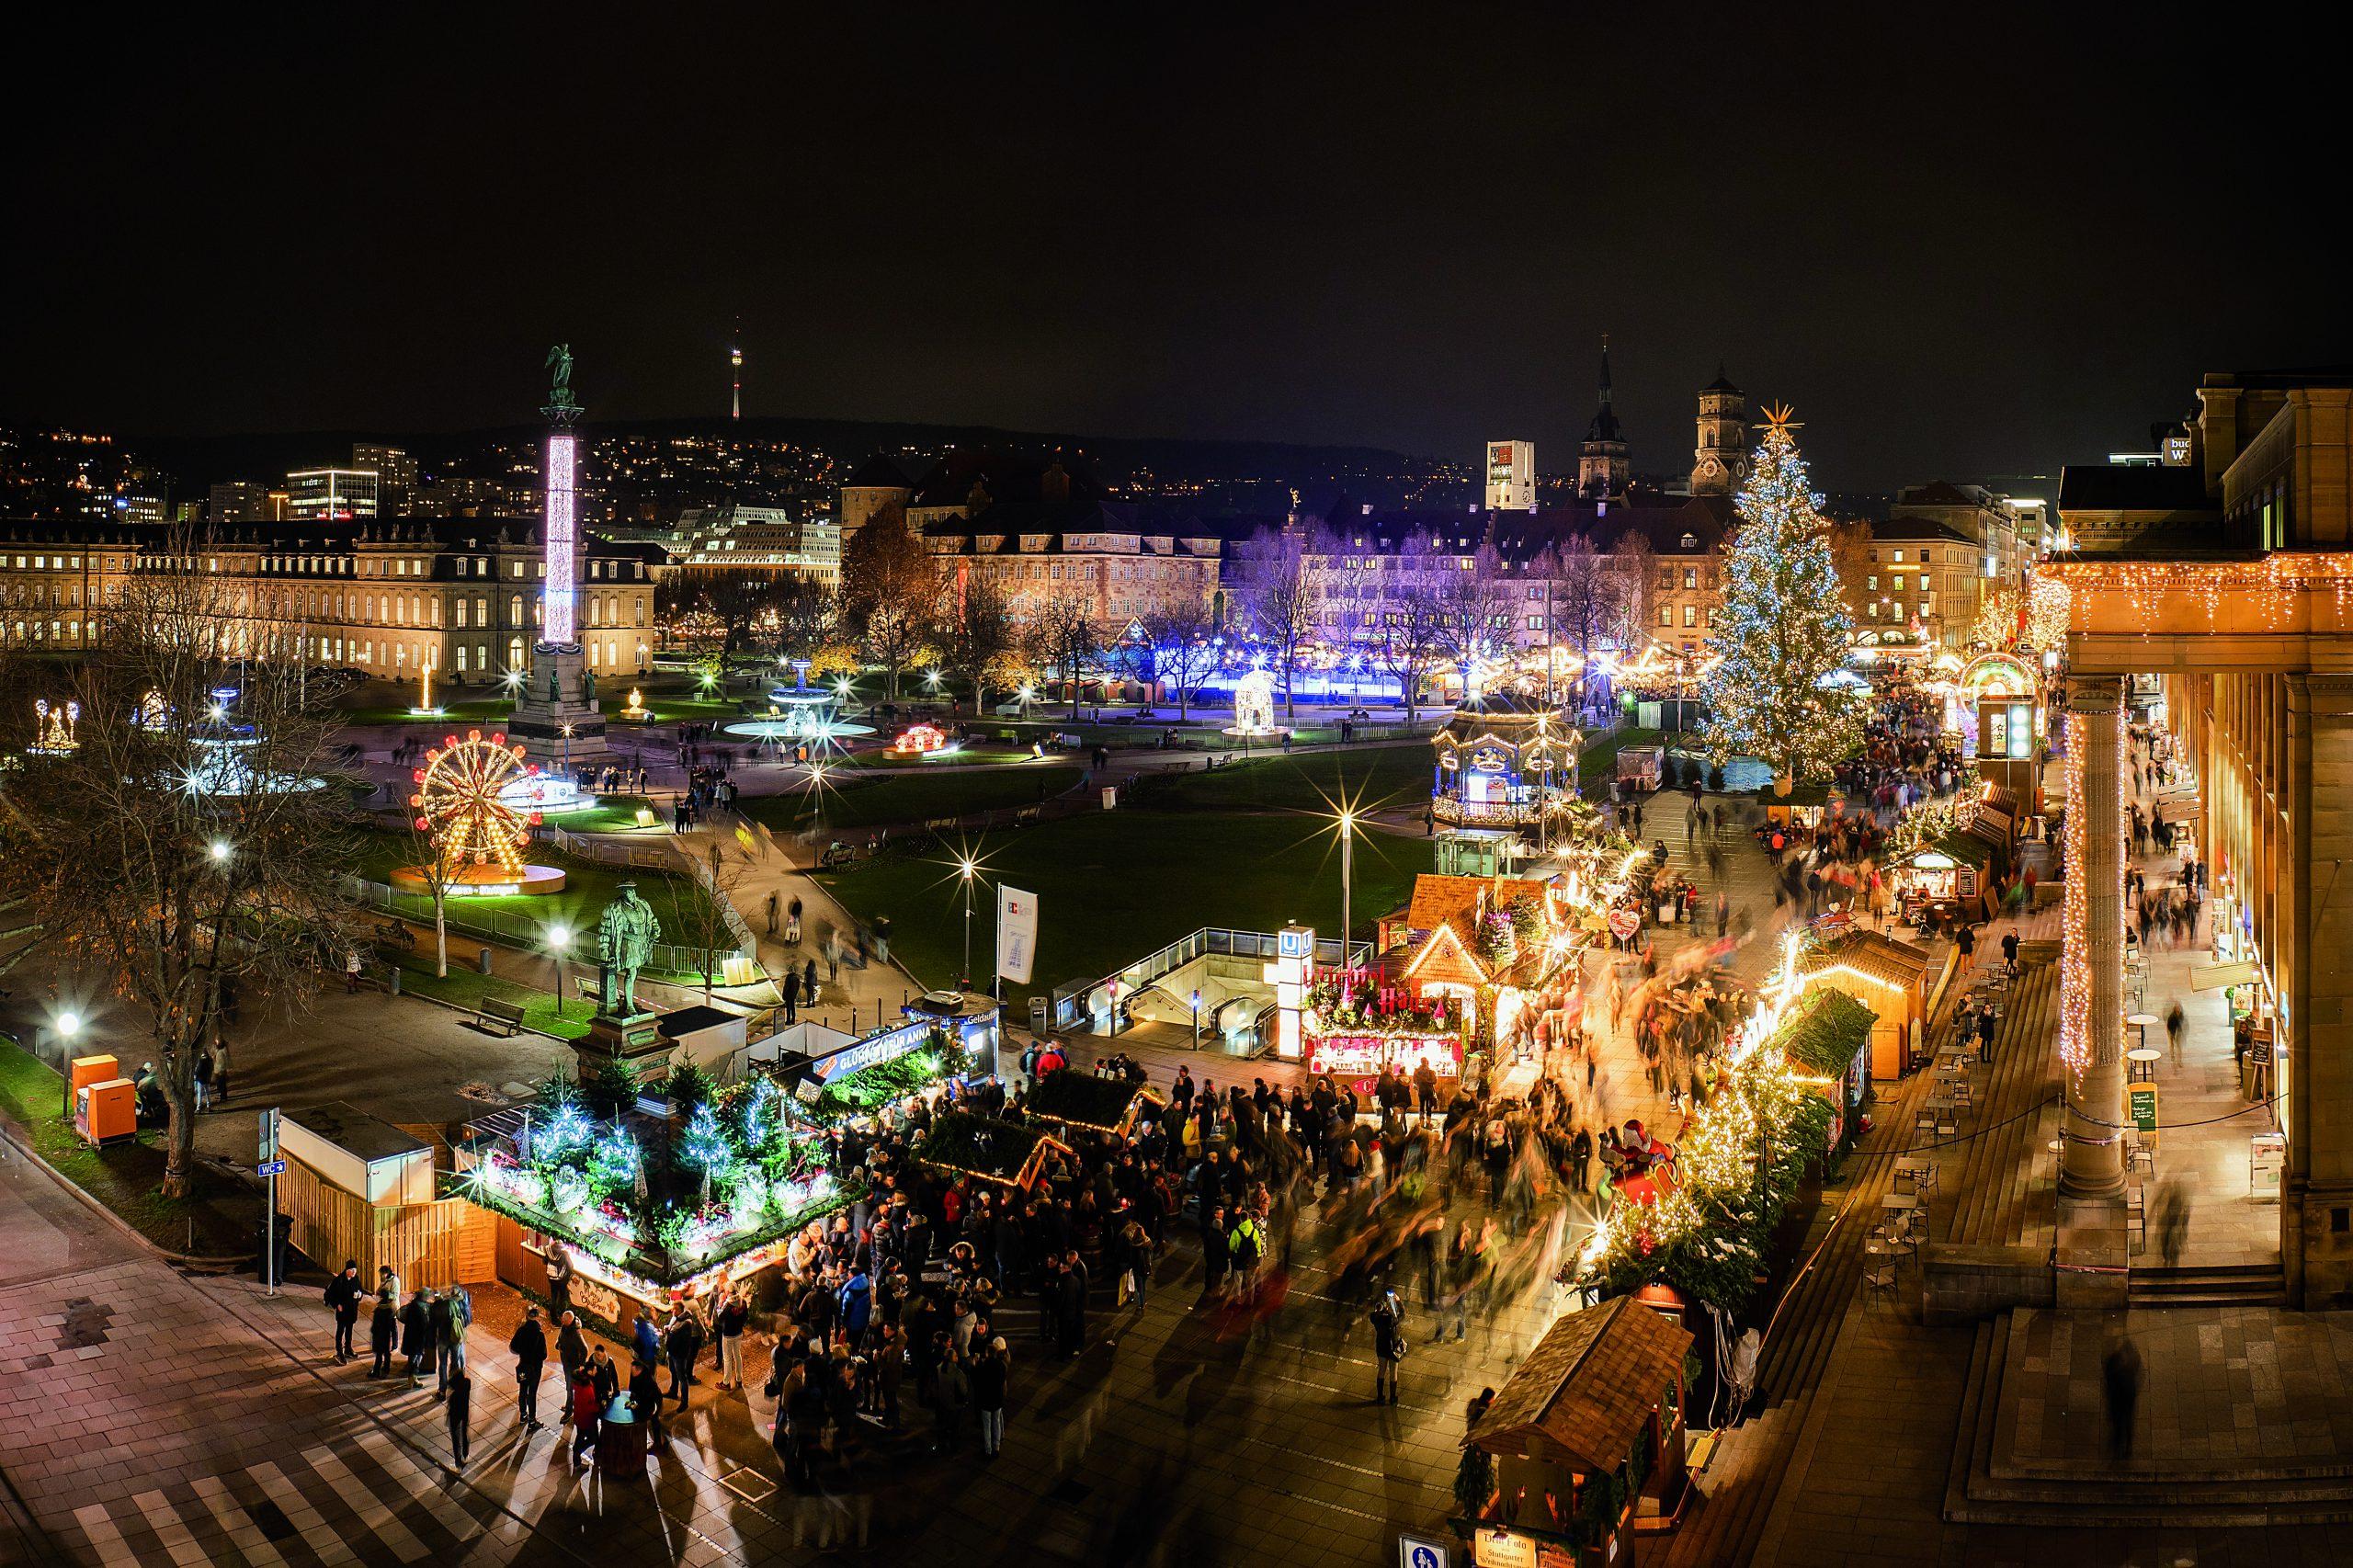 © Frank Hörner Weihnachtsmarkt_Schlossplatz, Stuttgart-Marketing GmbH